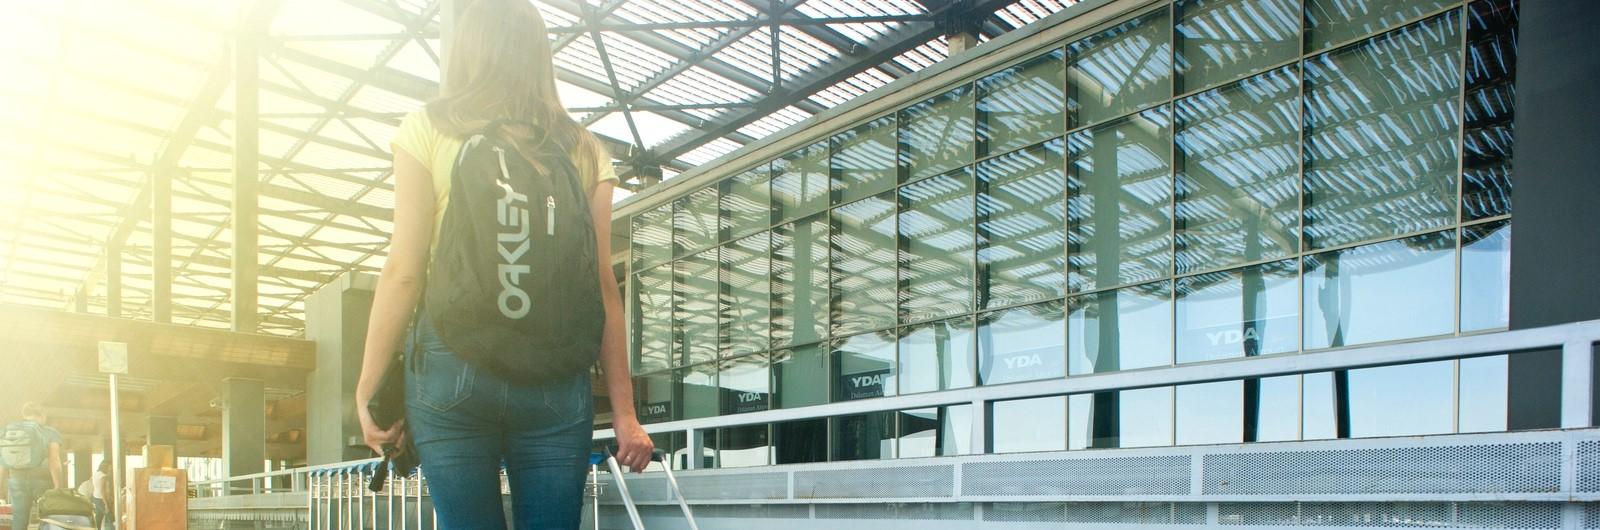 Žena se zavazadly před terminálem letiště